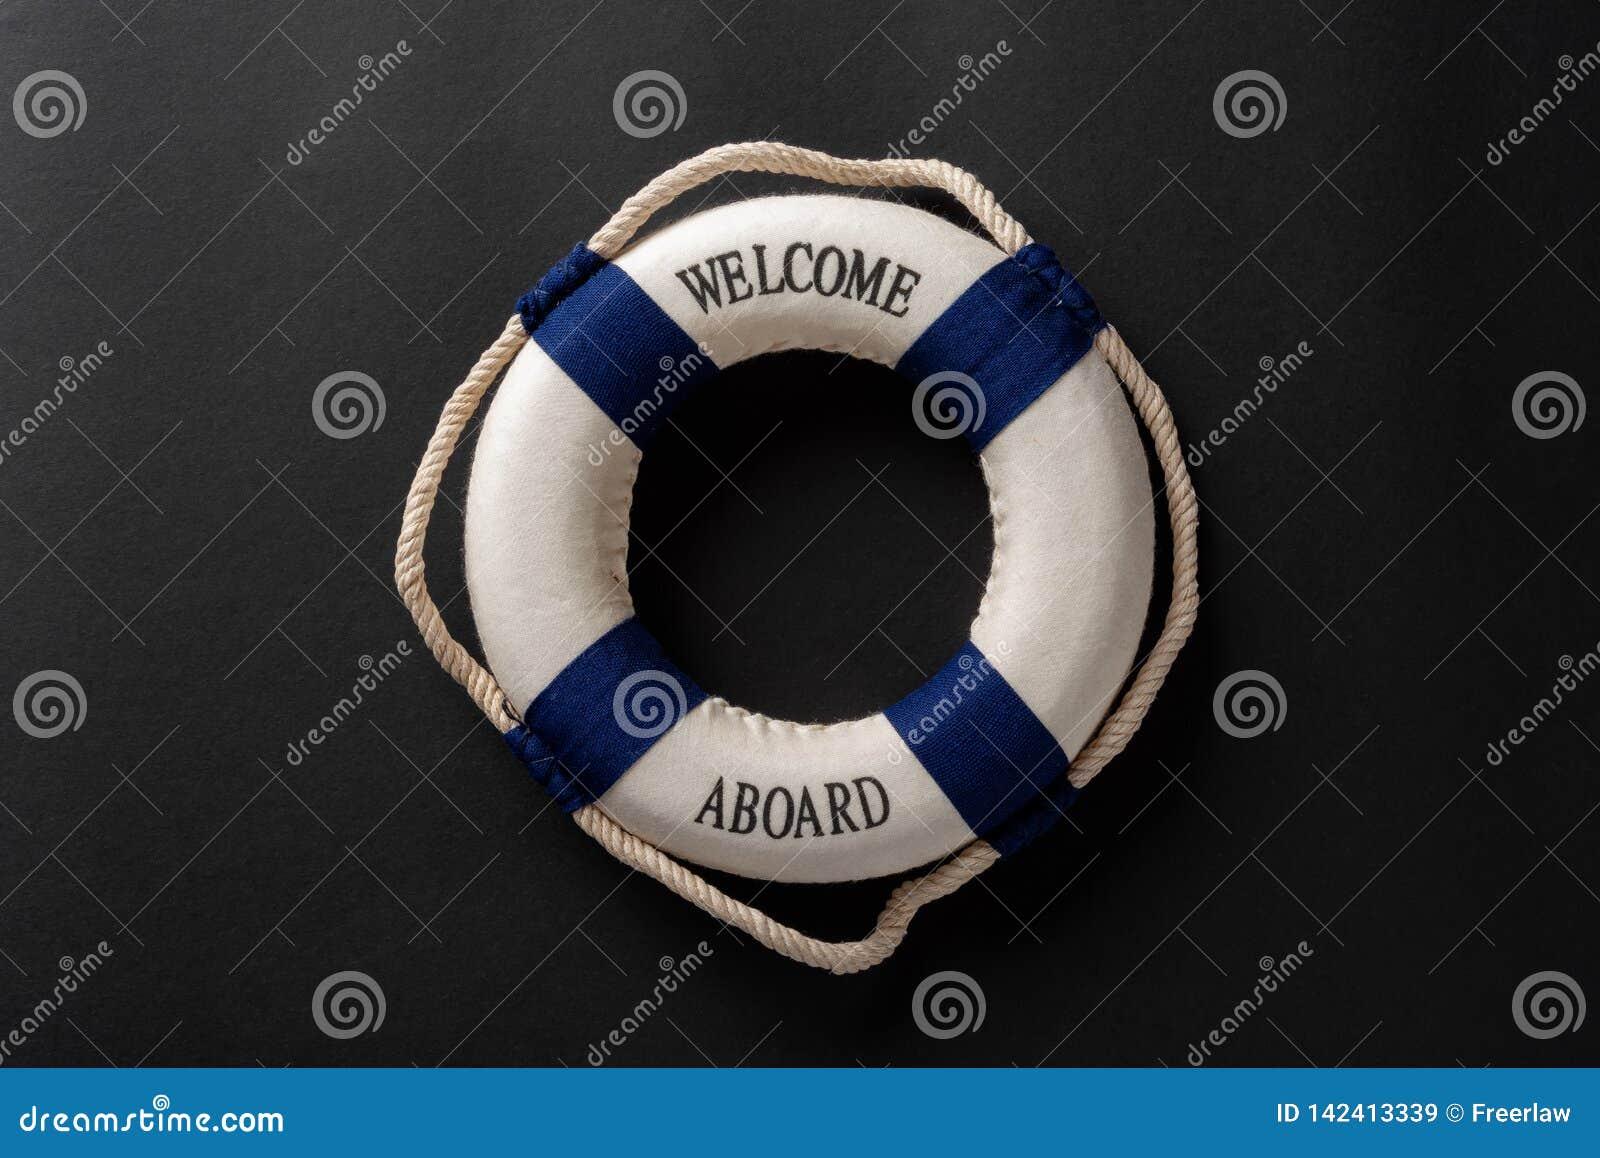 Salvagente scritto con il benvenuto a bordo su fondo scuro